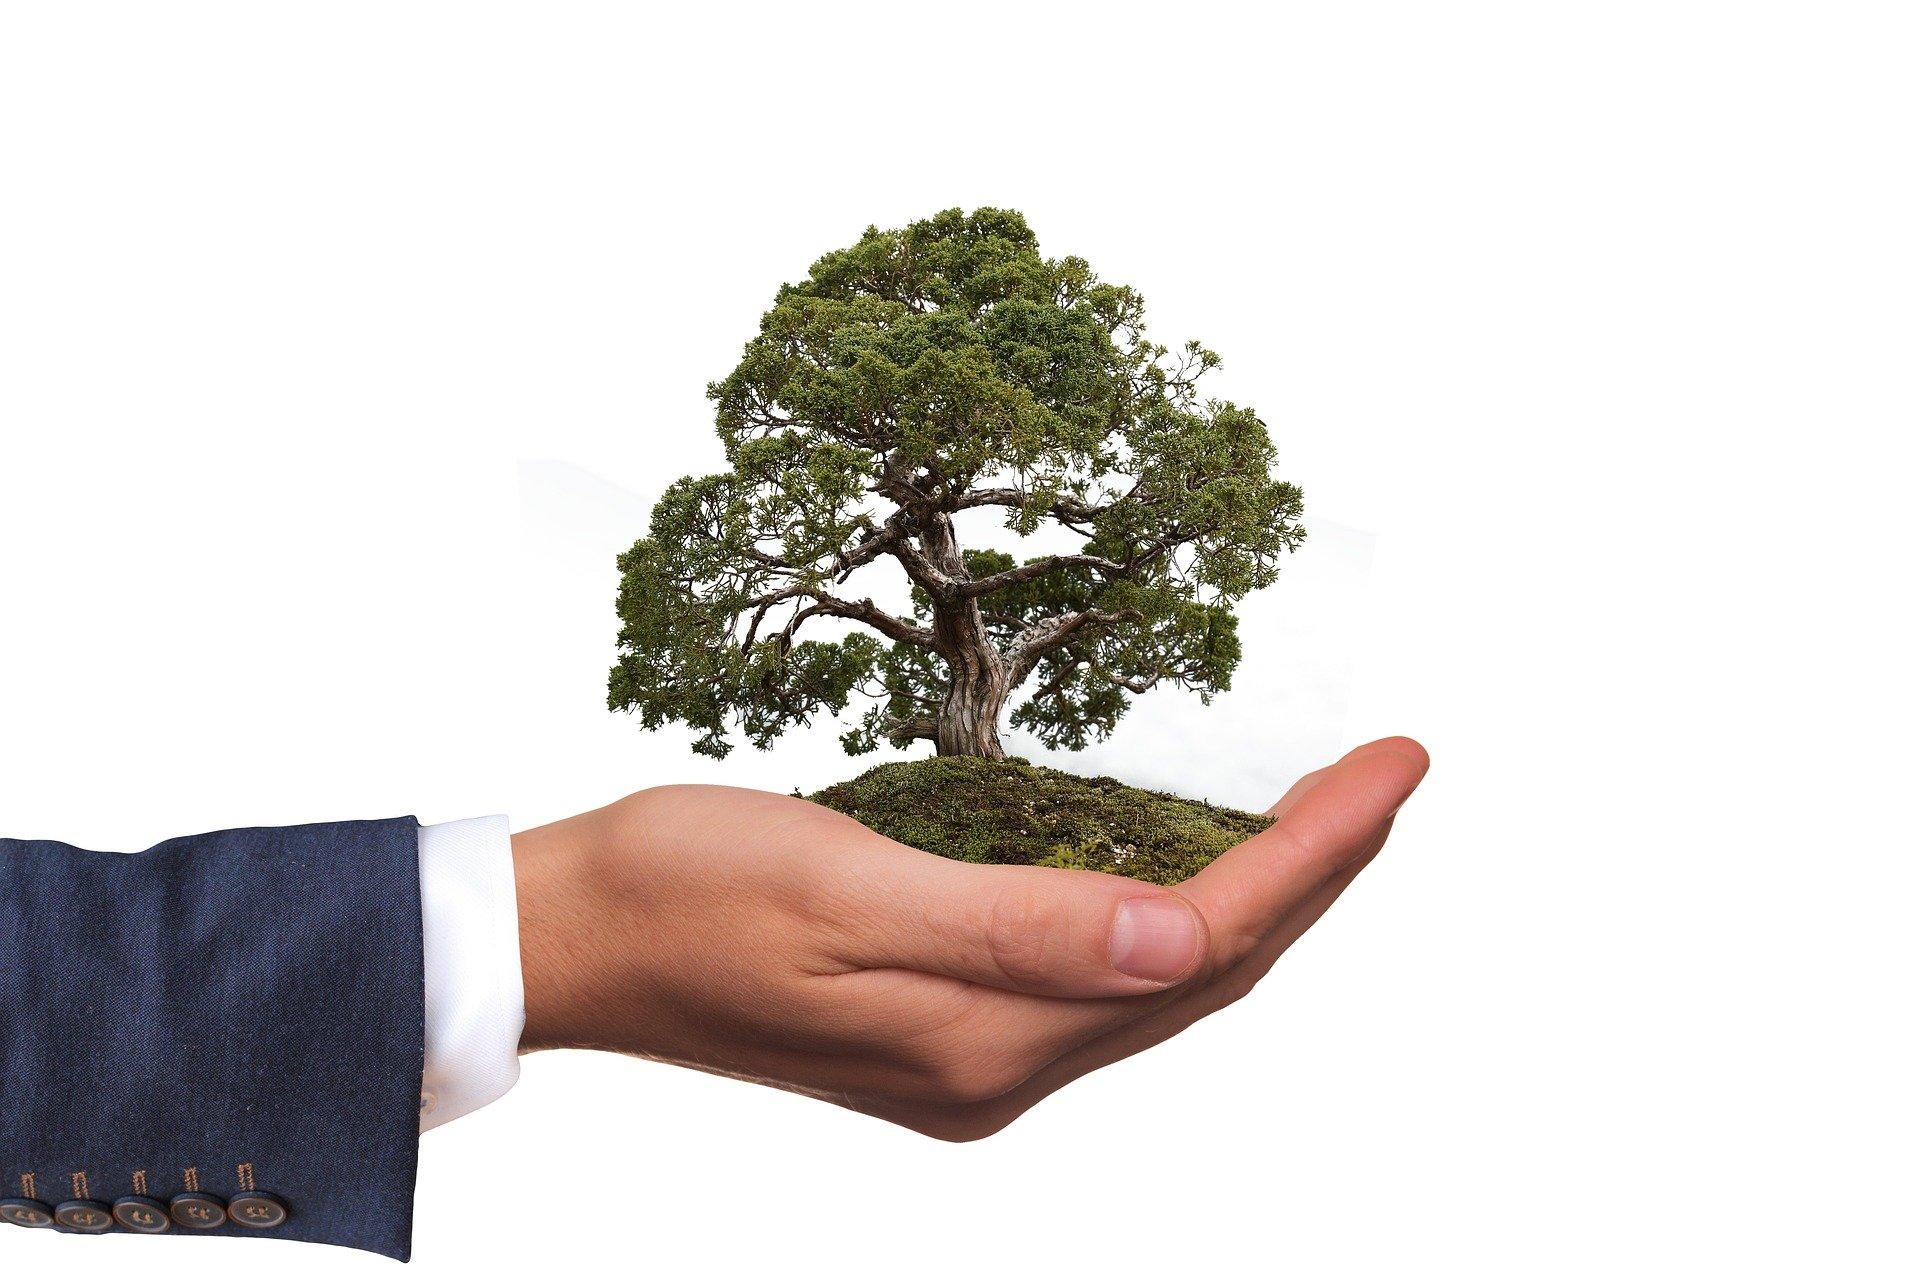 Serviços de consultoria ambiental baseados na ISO 14001